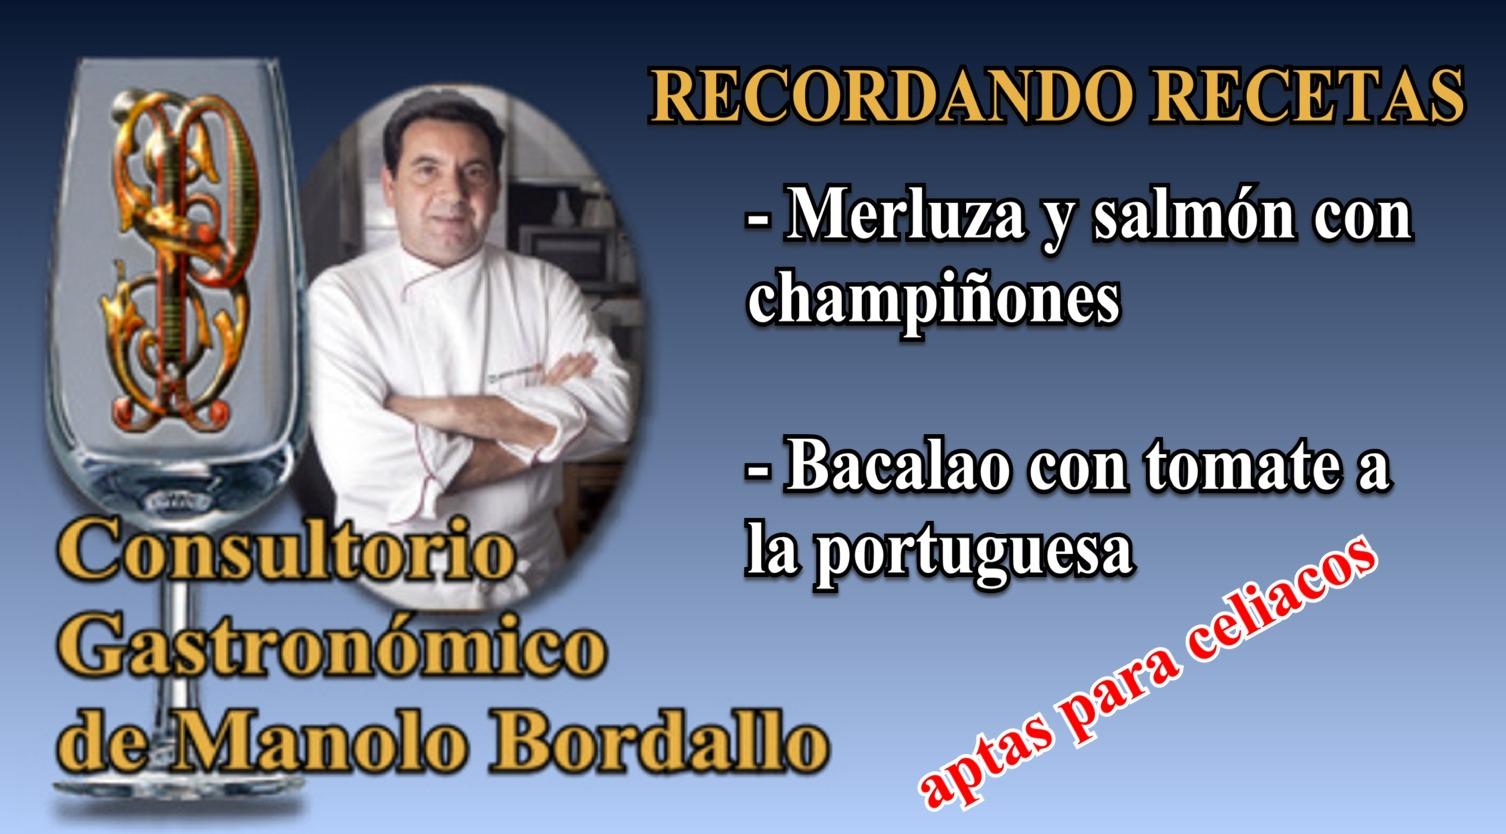 recordando-recetas-del-consultorio-gastronomico-de-manolo-bordallo-01